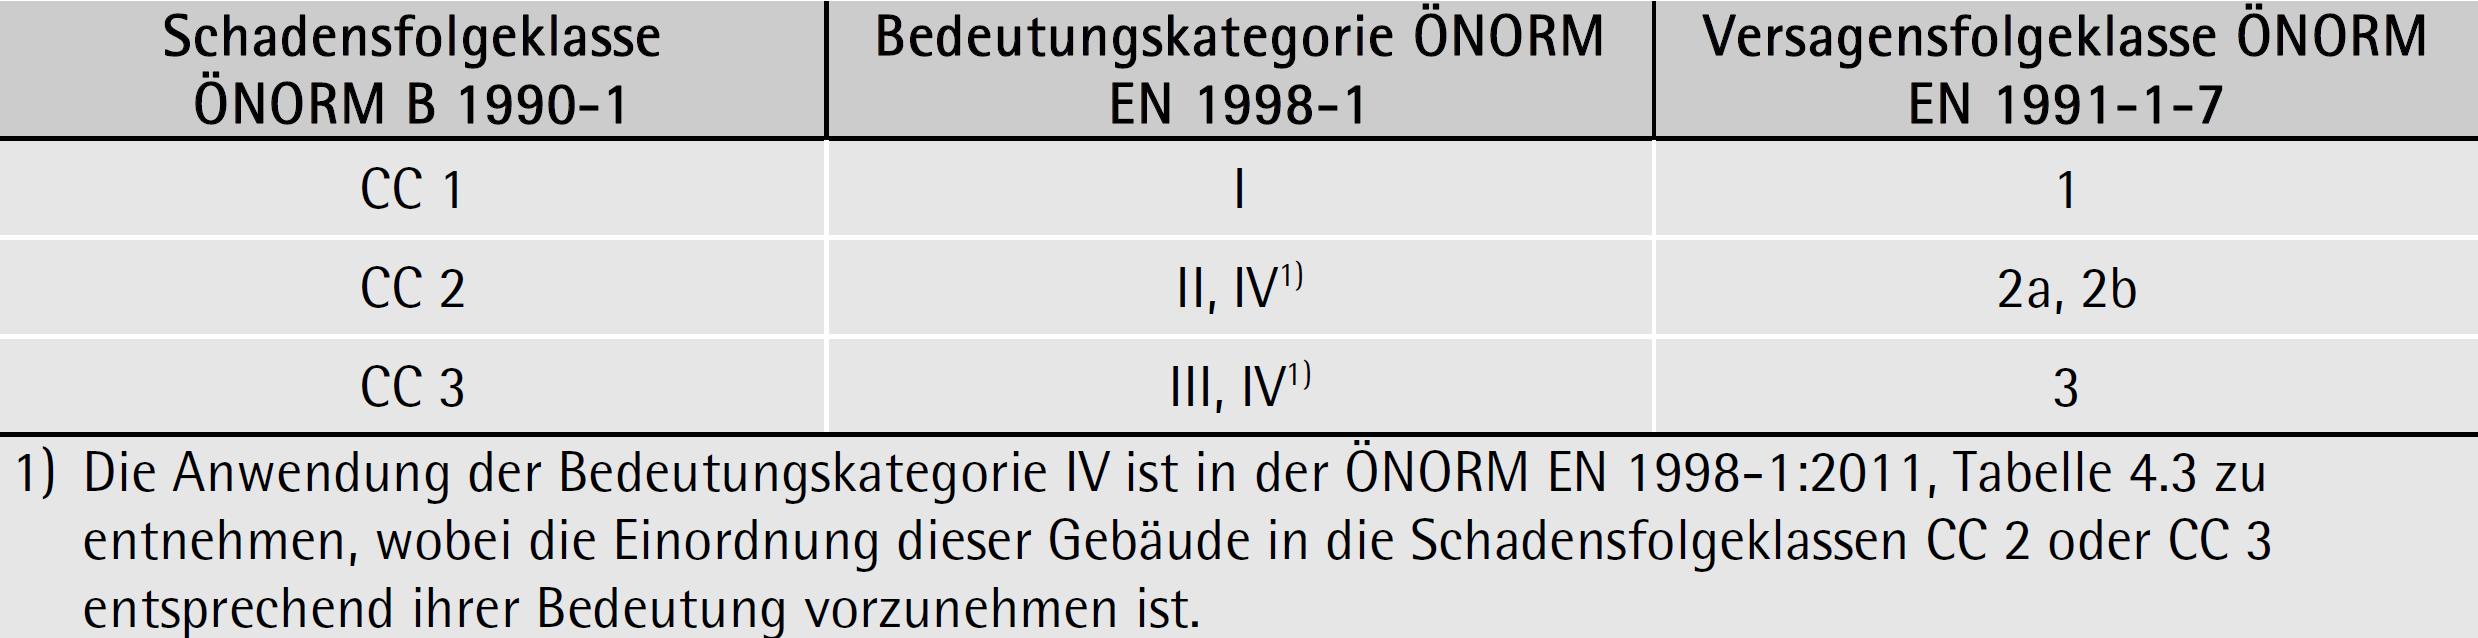 Bedeutungskategorien und Versagensfolgeklassen auf Basis der Schadensfolgeklassen gemäß ÖNORM B 1990-1